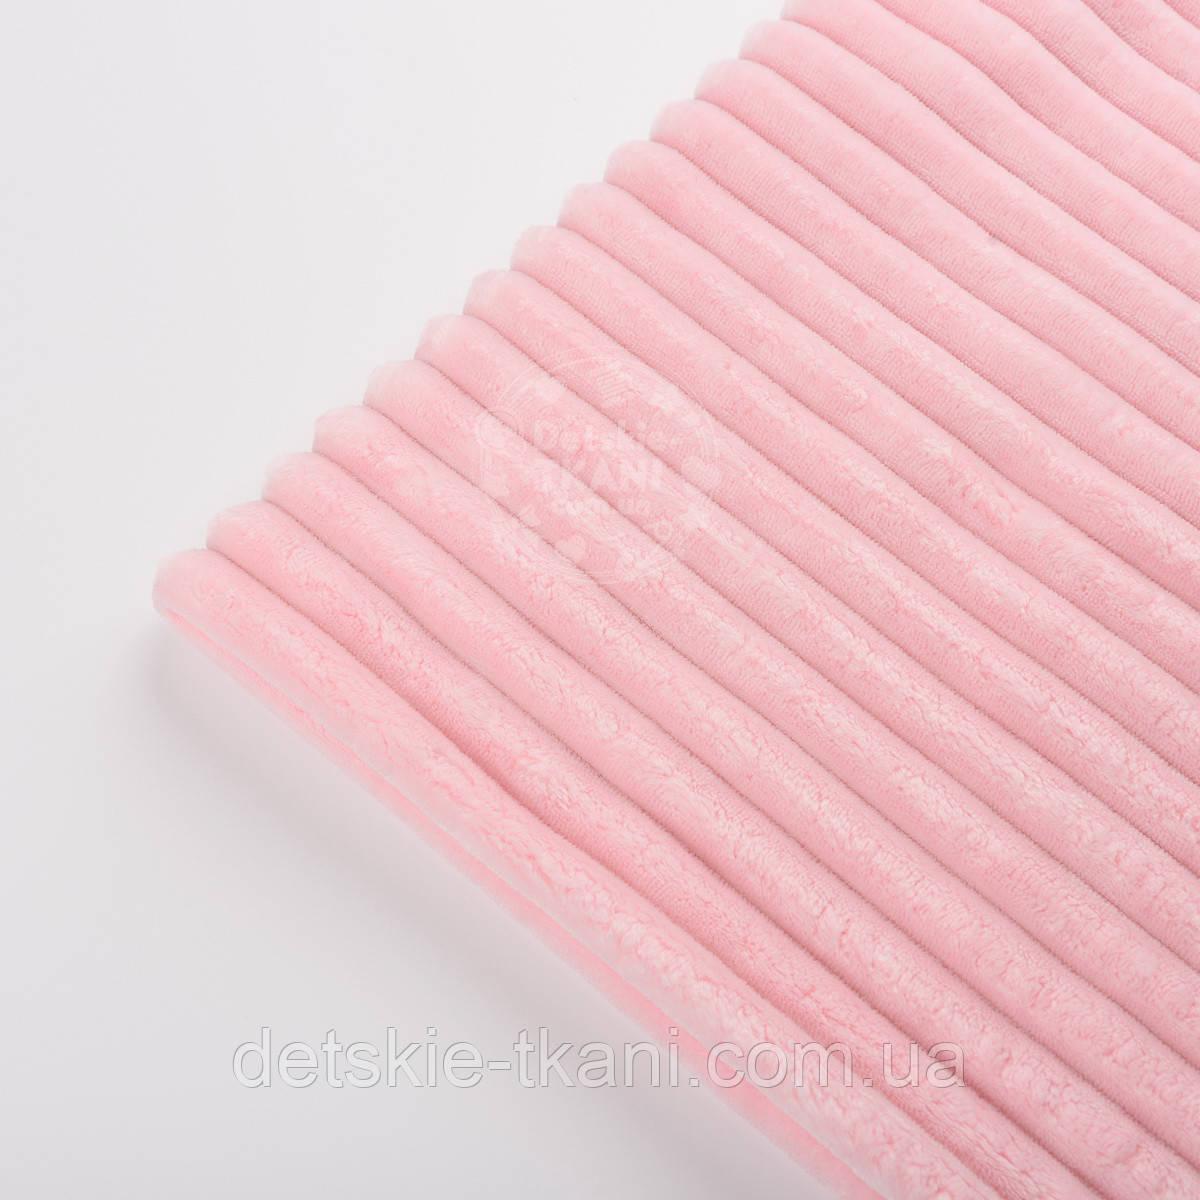 """Лоскут плюшу в смужку """"Stripes"""" світло-рожевого кольору, розмір 85*160 см"""